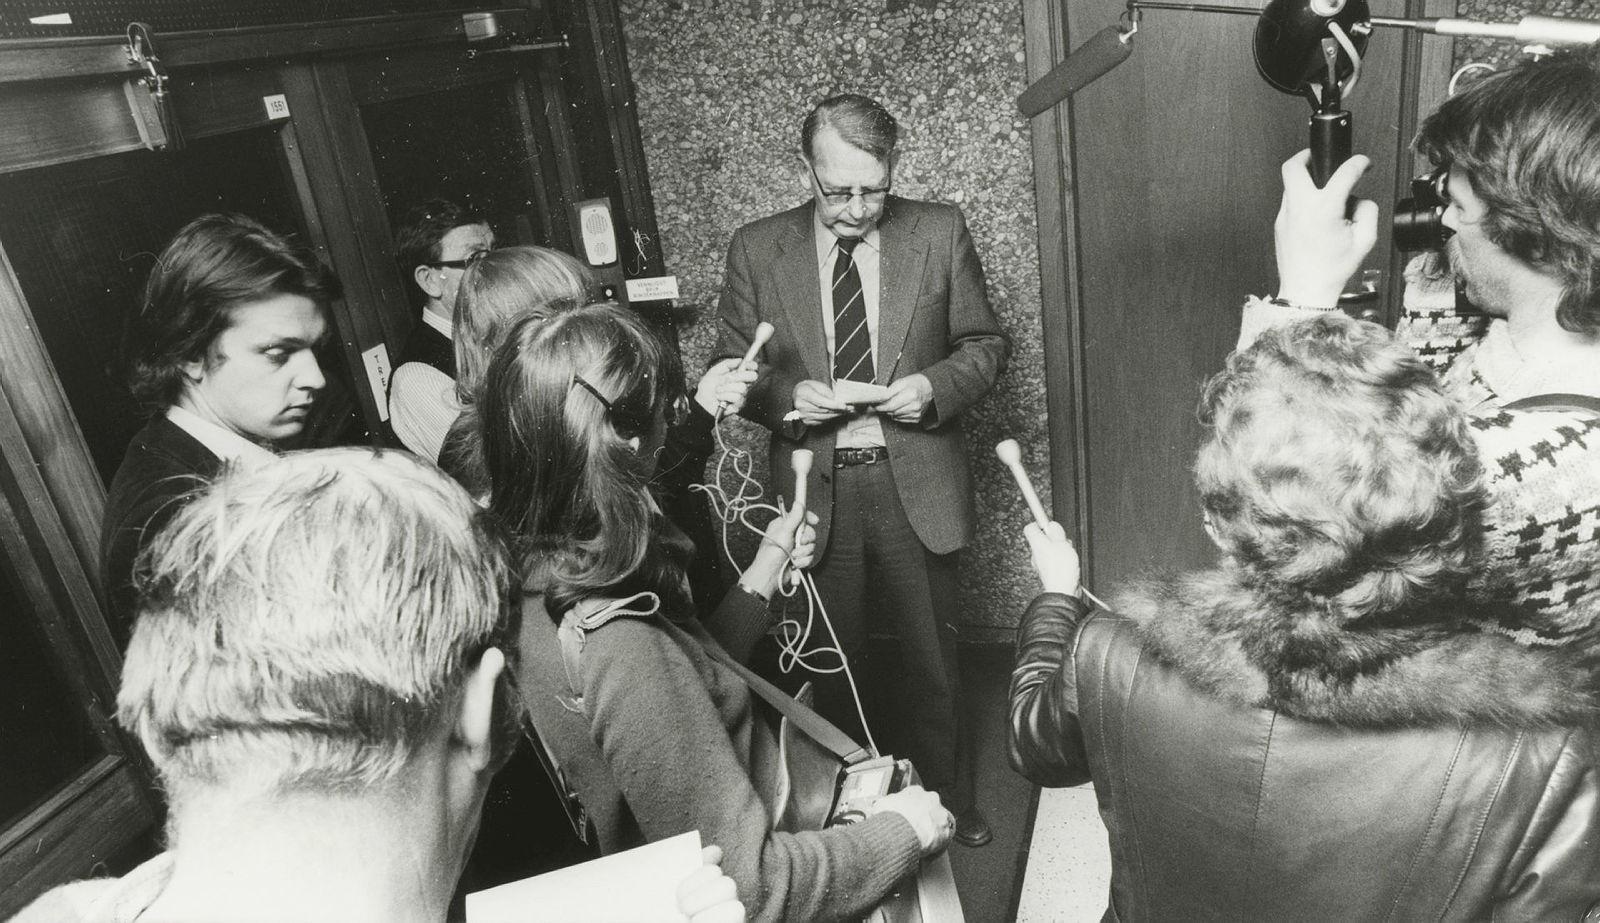 Plattformen Alexander Kielland på Ekofisk kantret. Fungerende statsminister Andreas Cappelen omgitt av pressefolk etter regjeringskonferansen sent i natt. Foto: C. Archer/AAB